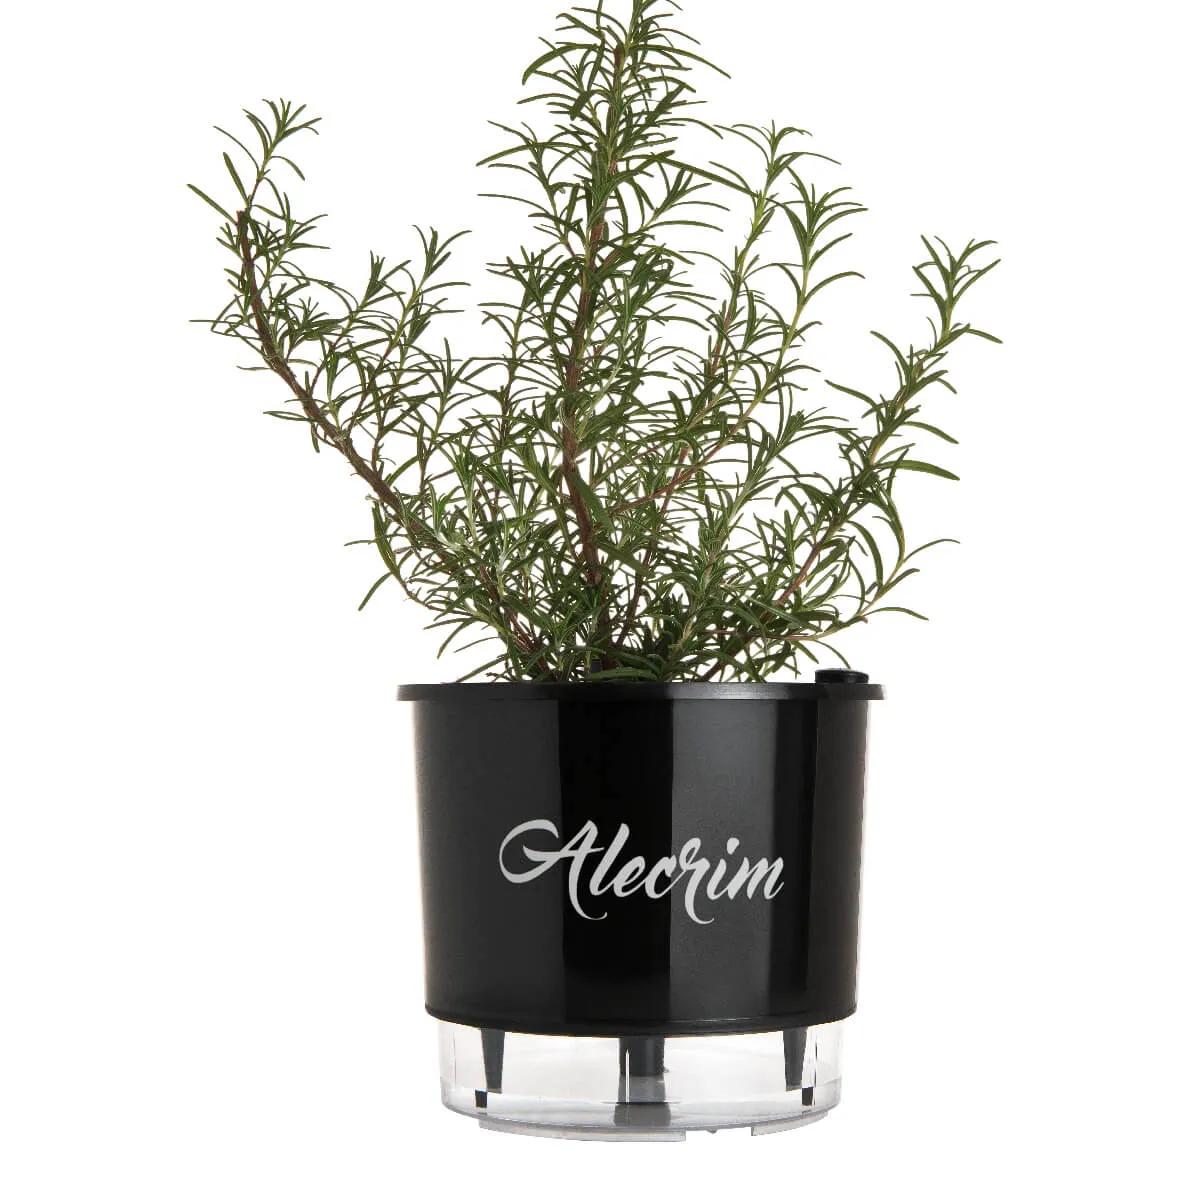 Vaso Autoirrigável Médio Preto Coleção Gourmet 16cm x 14cm Alecrim  - Vasos Raiz Loja Oficial